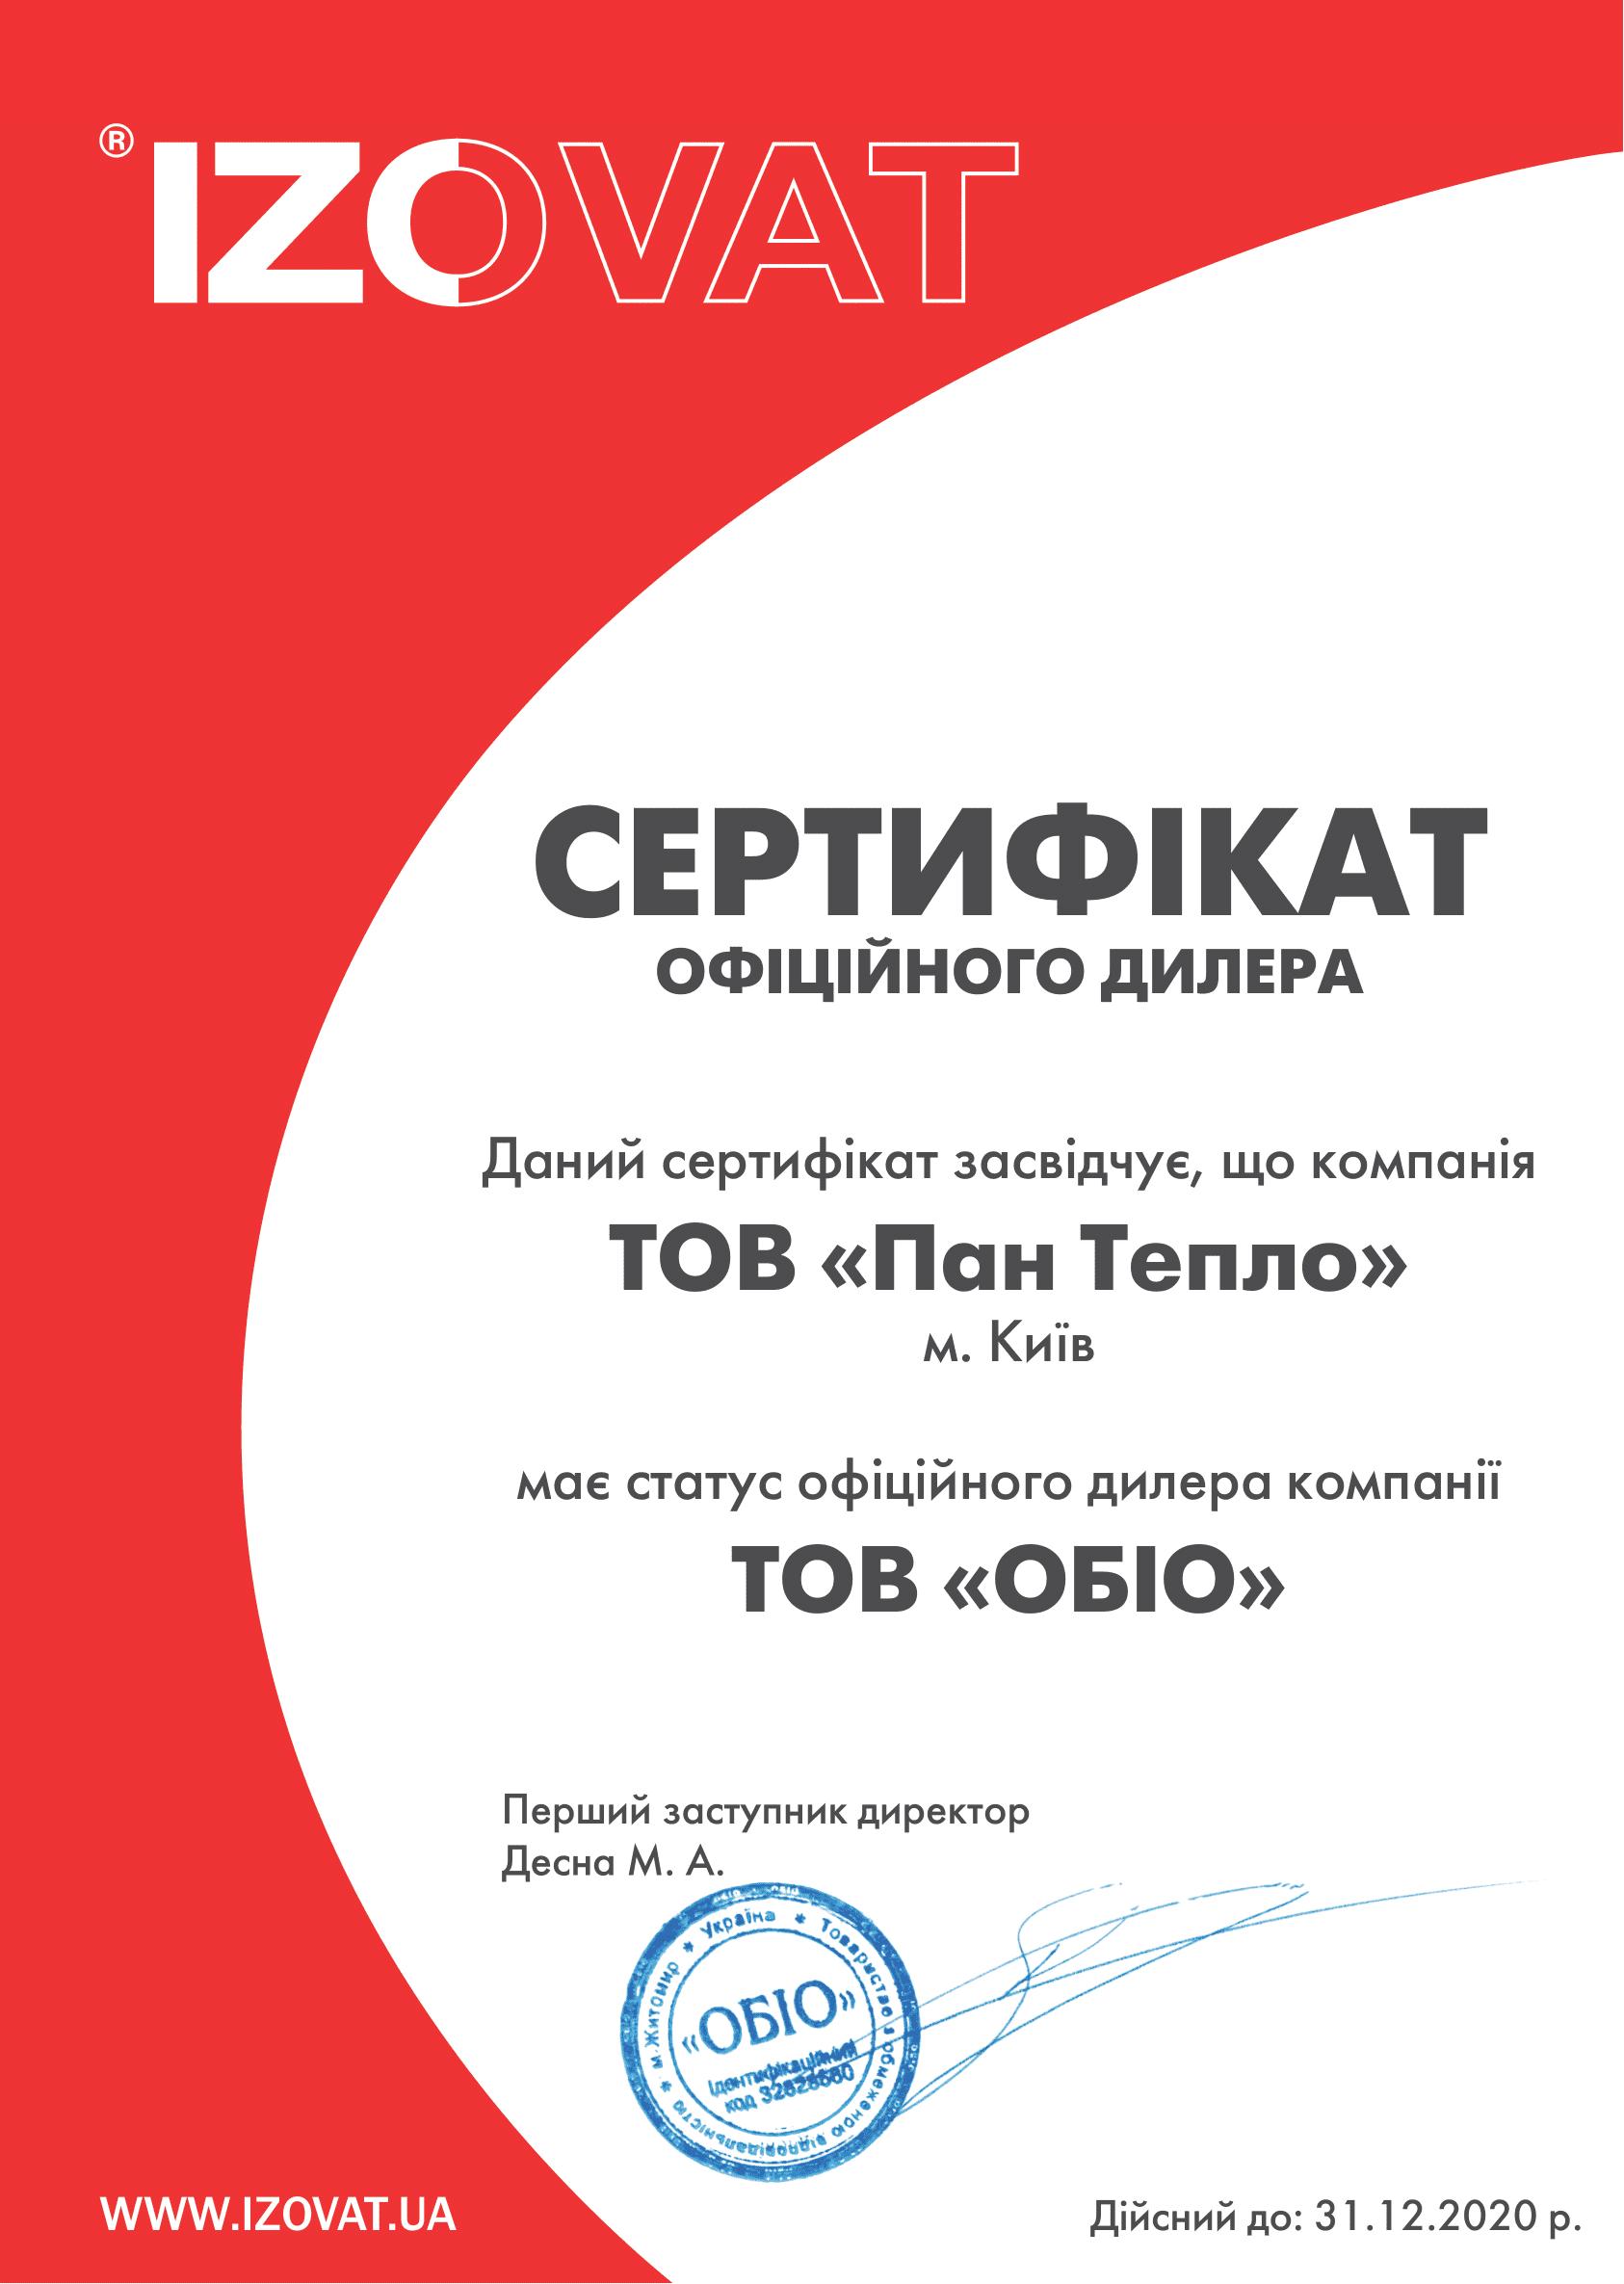 Сертифікат офіційного дилера